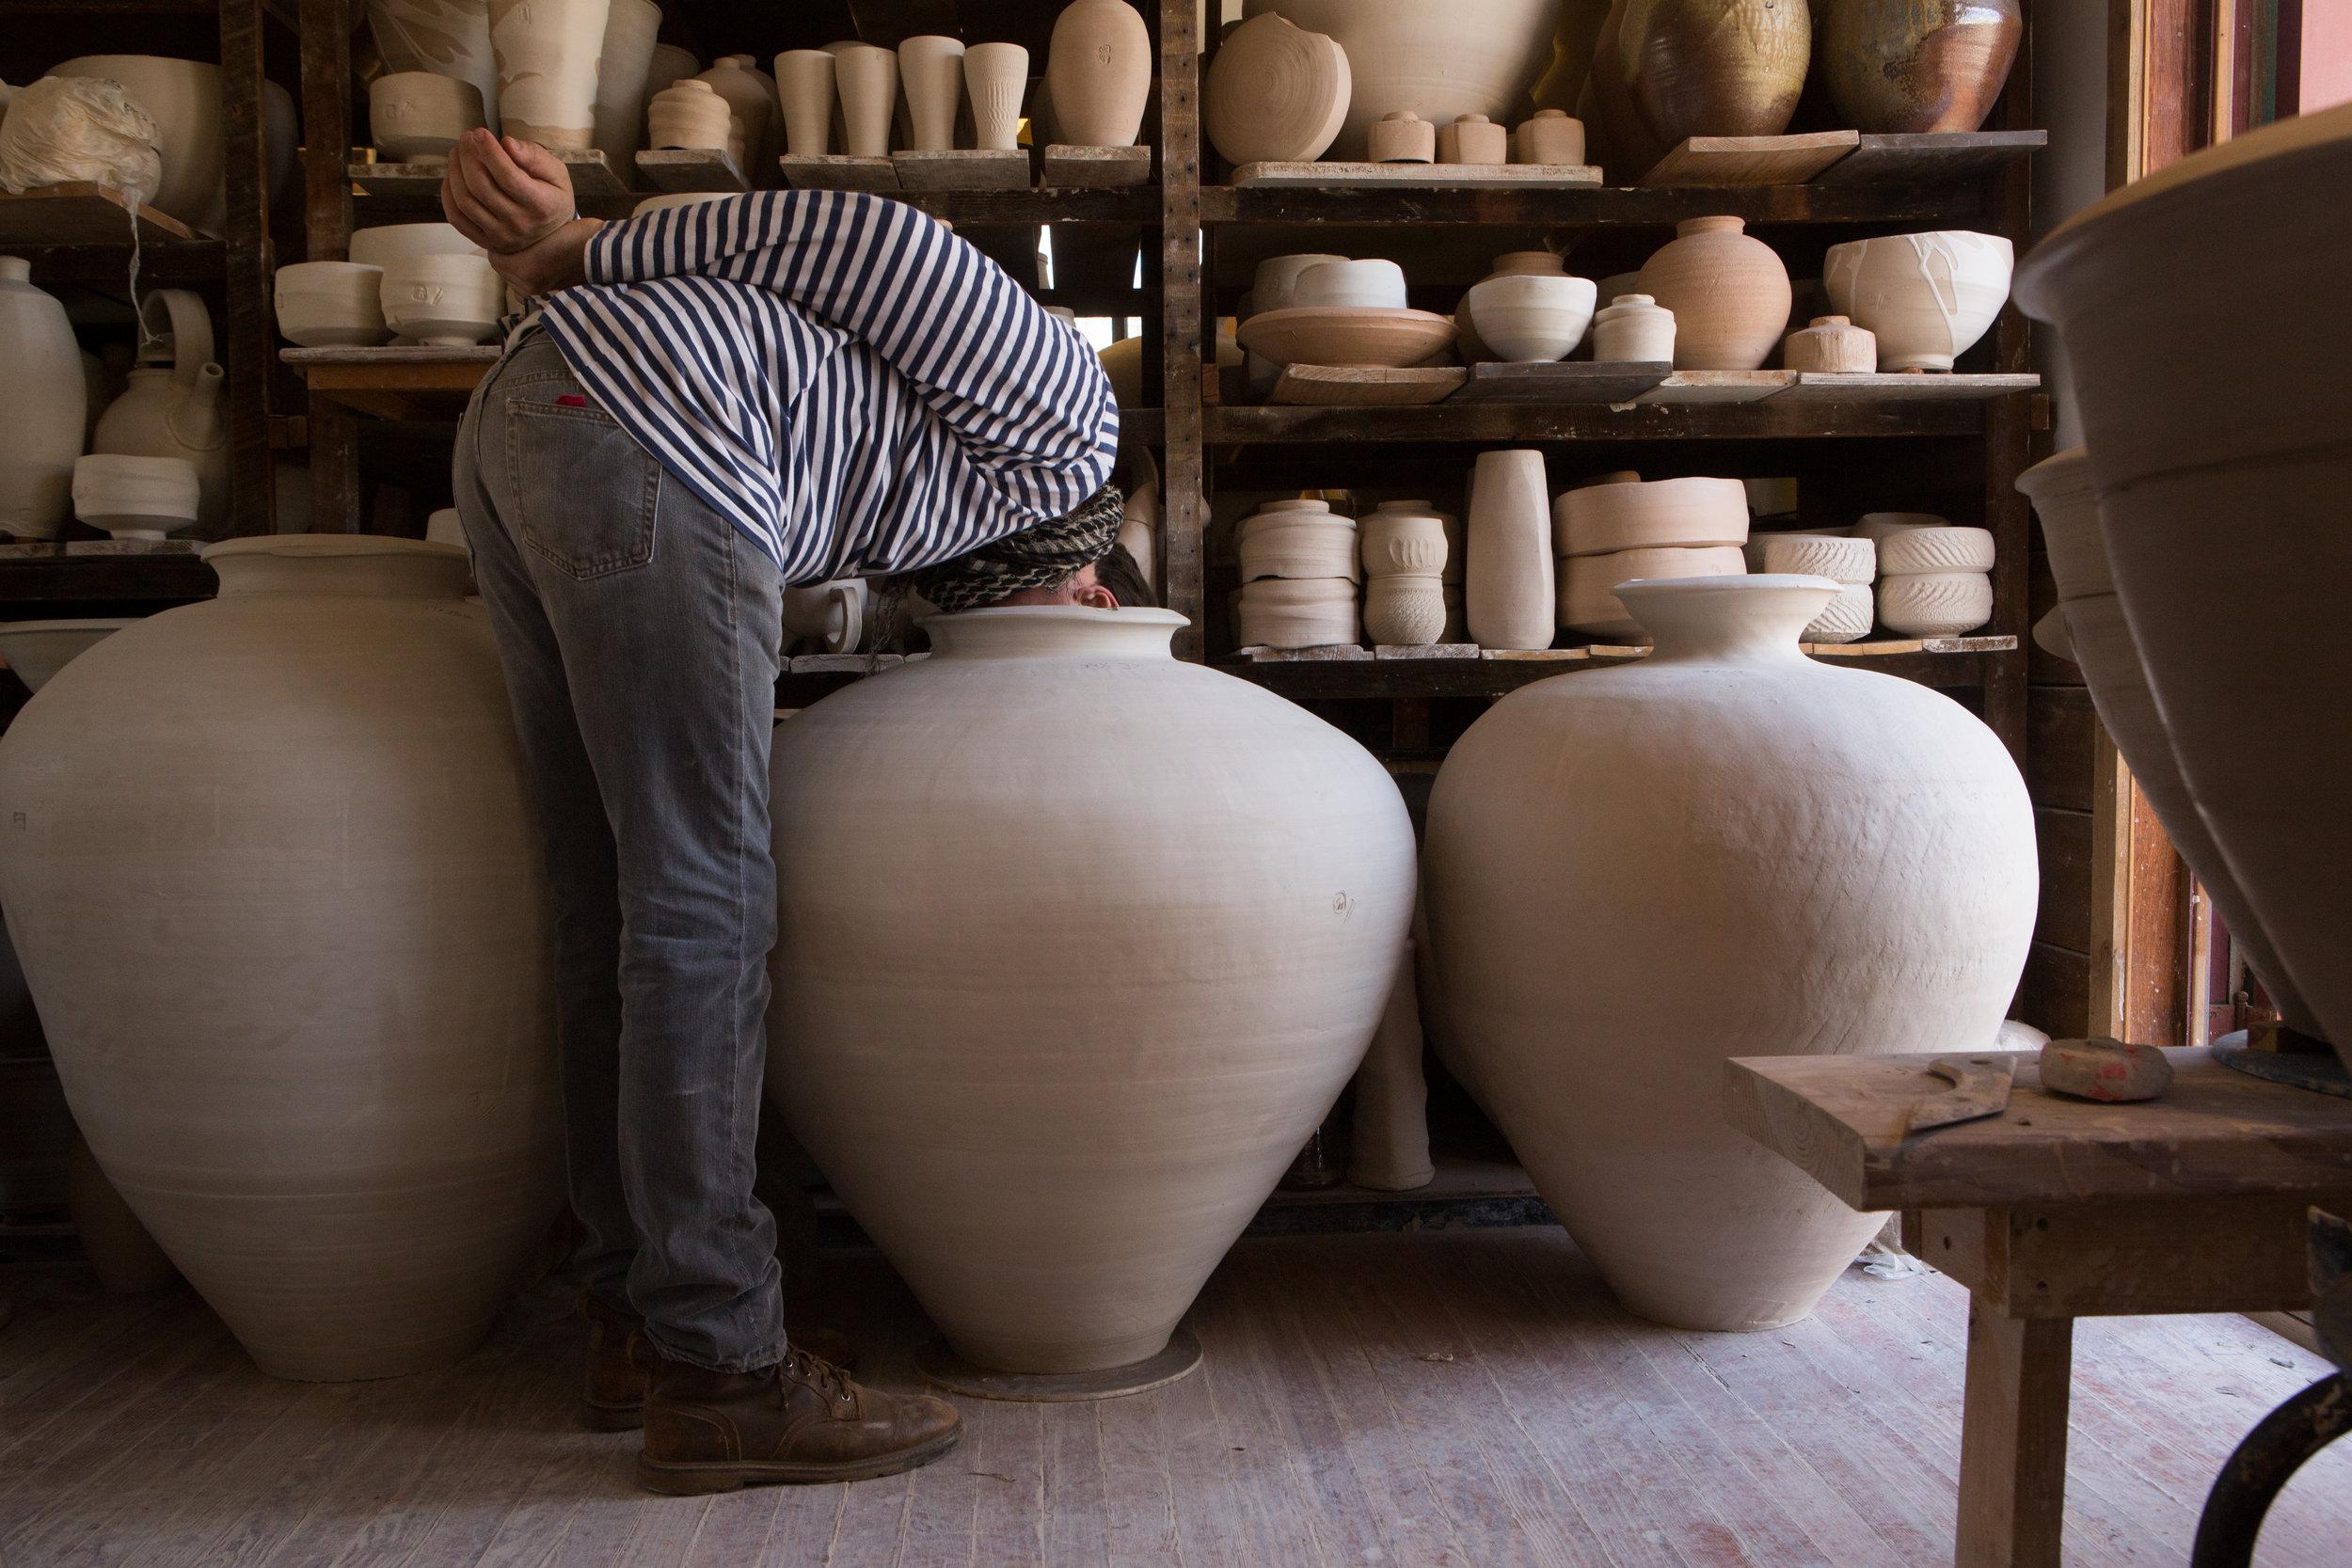 Peter Rausse doing a final pot inspection . . .